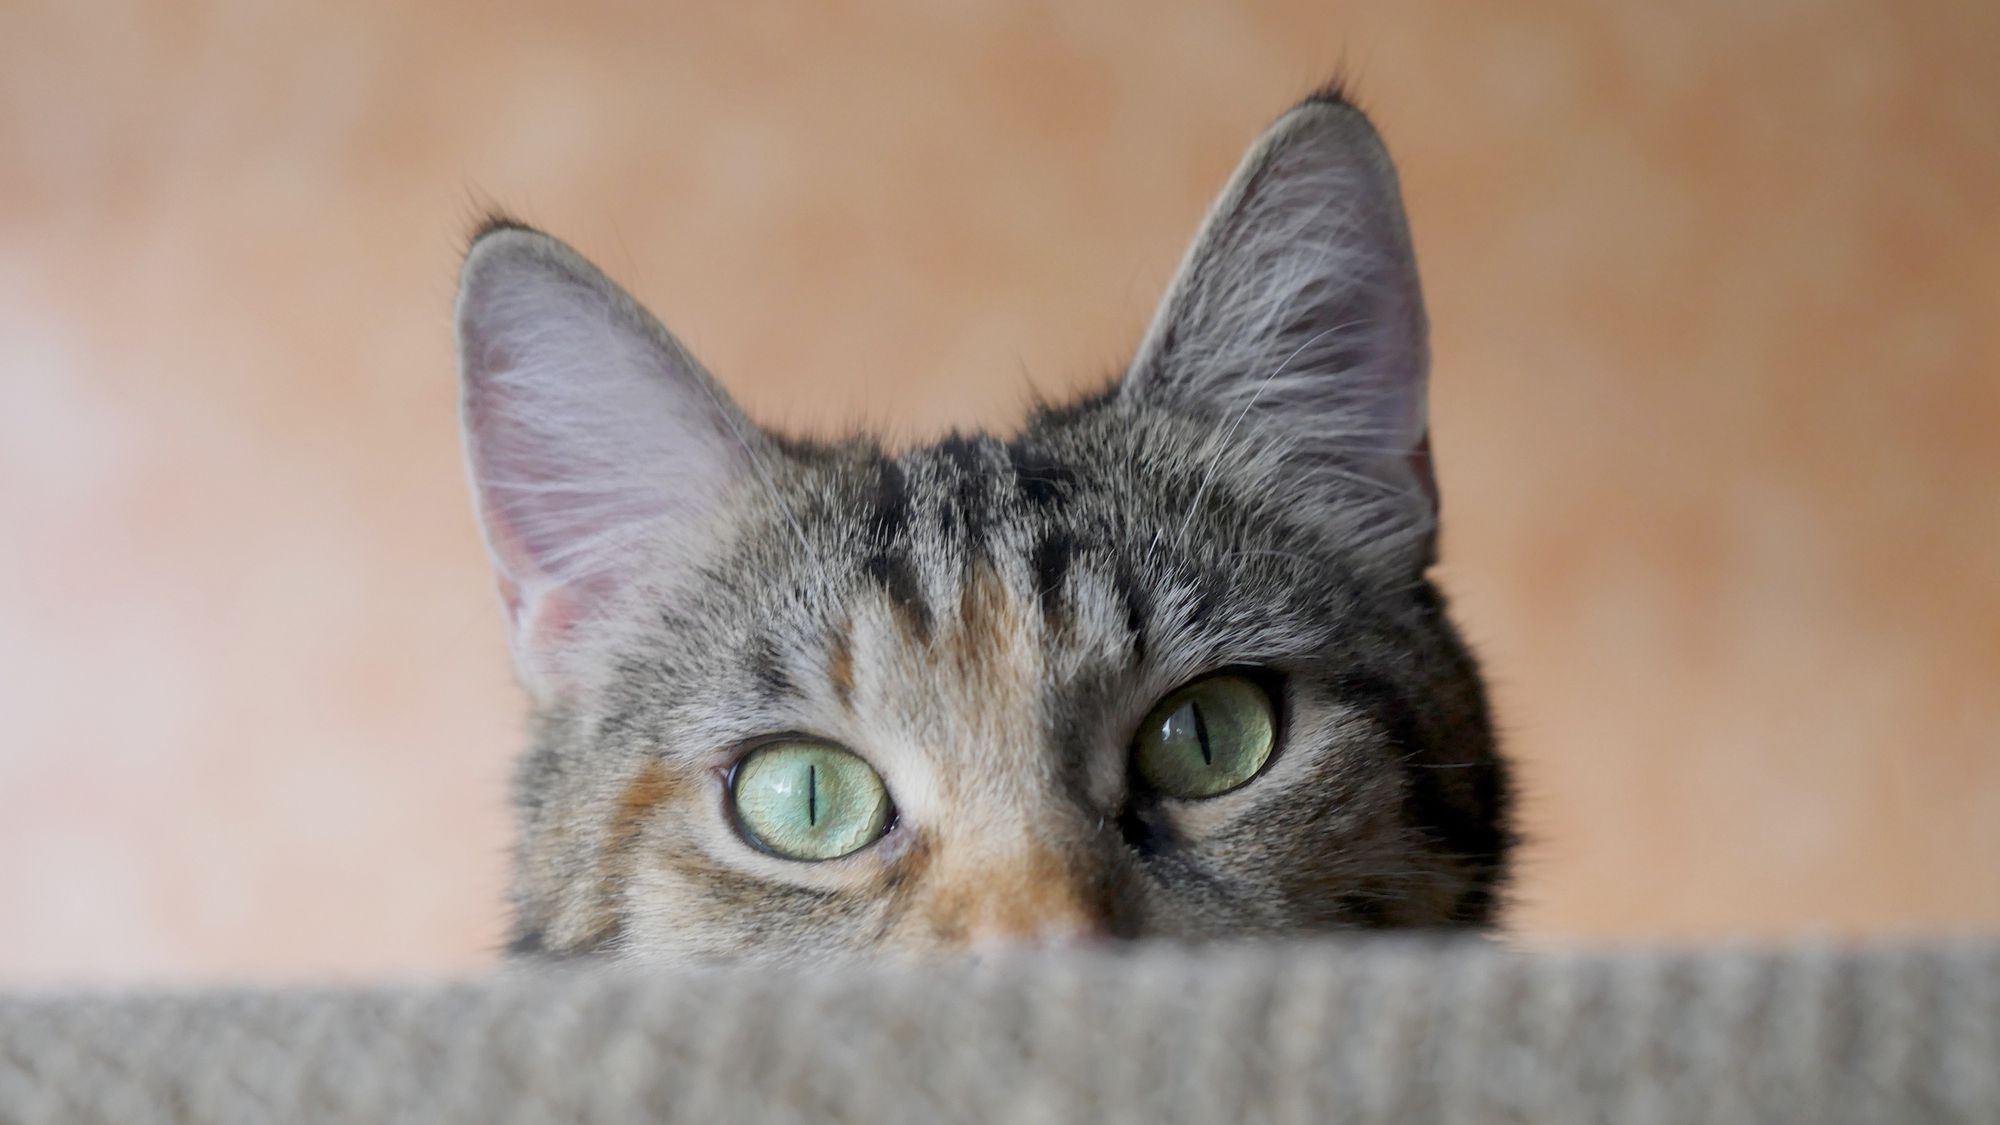 hanya kucing sahaja boleh dengar bunyi dari video ini. jom try!